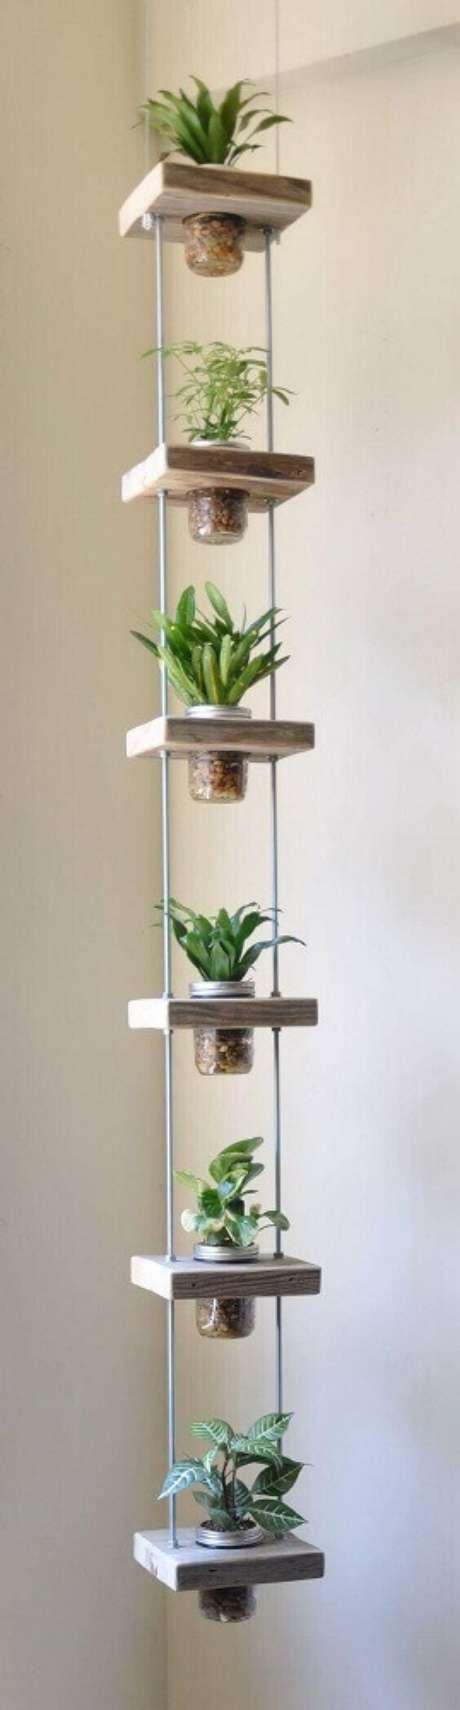 46. Você também pode usar podes de vidro em alguns modelos de jardim